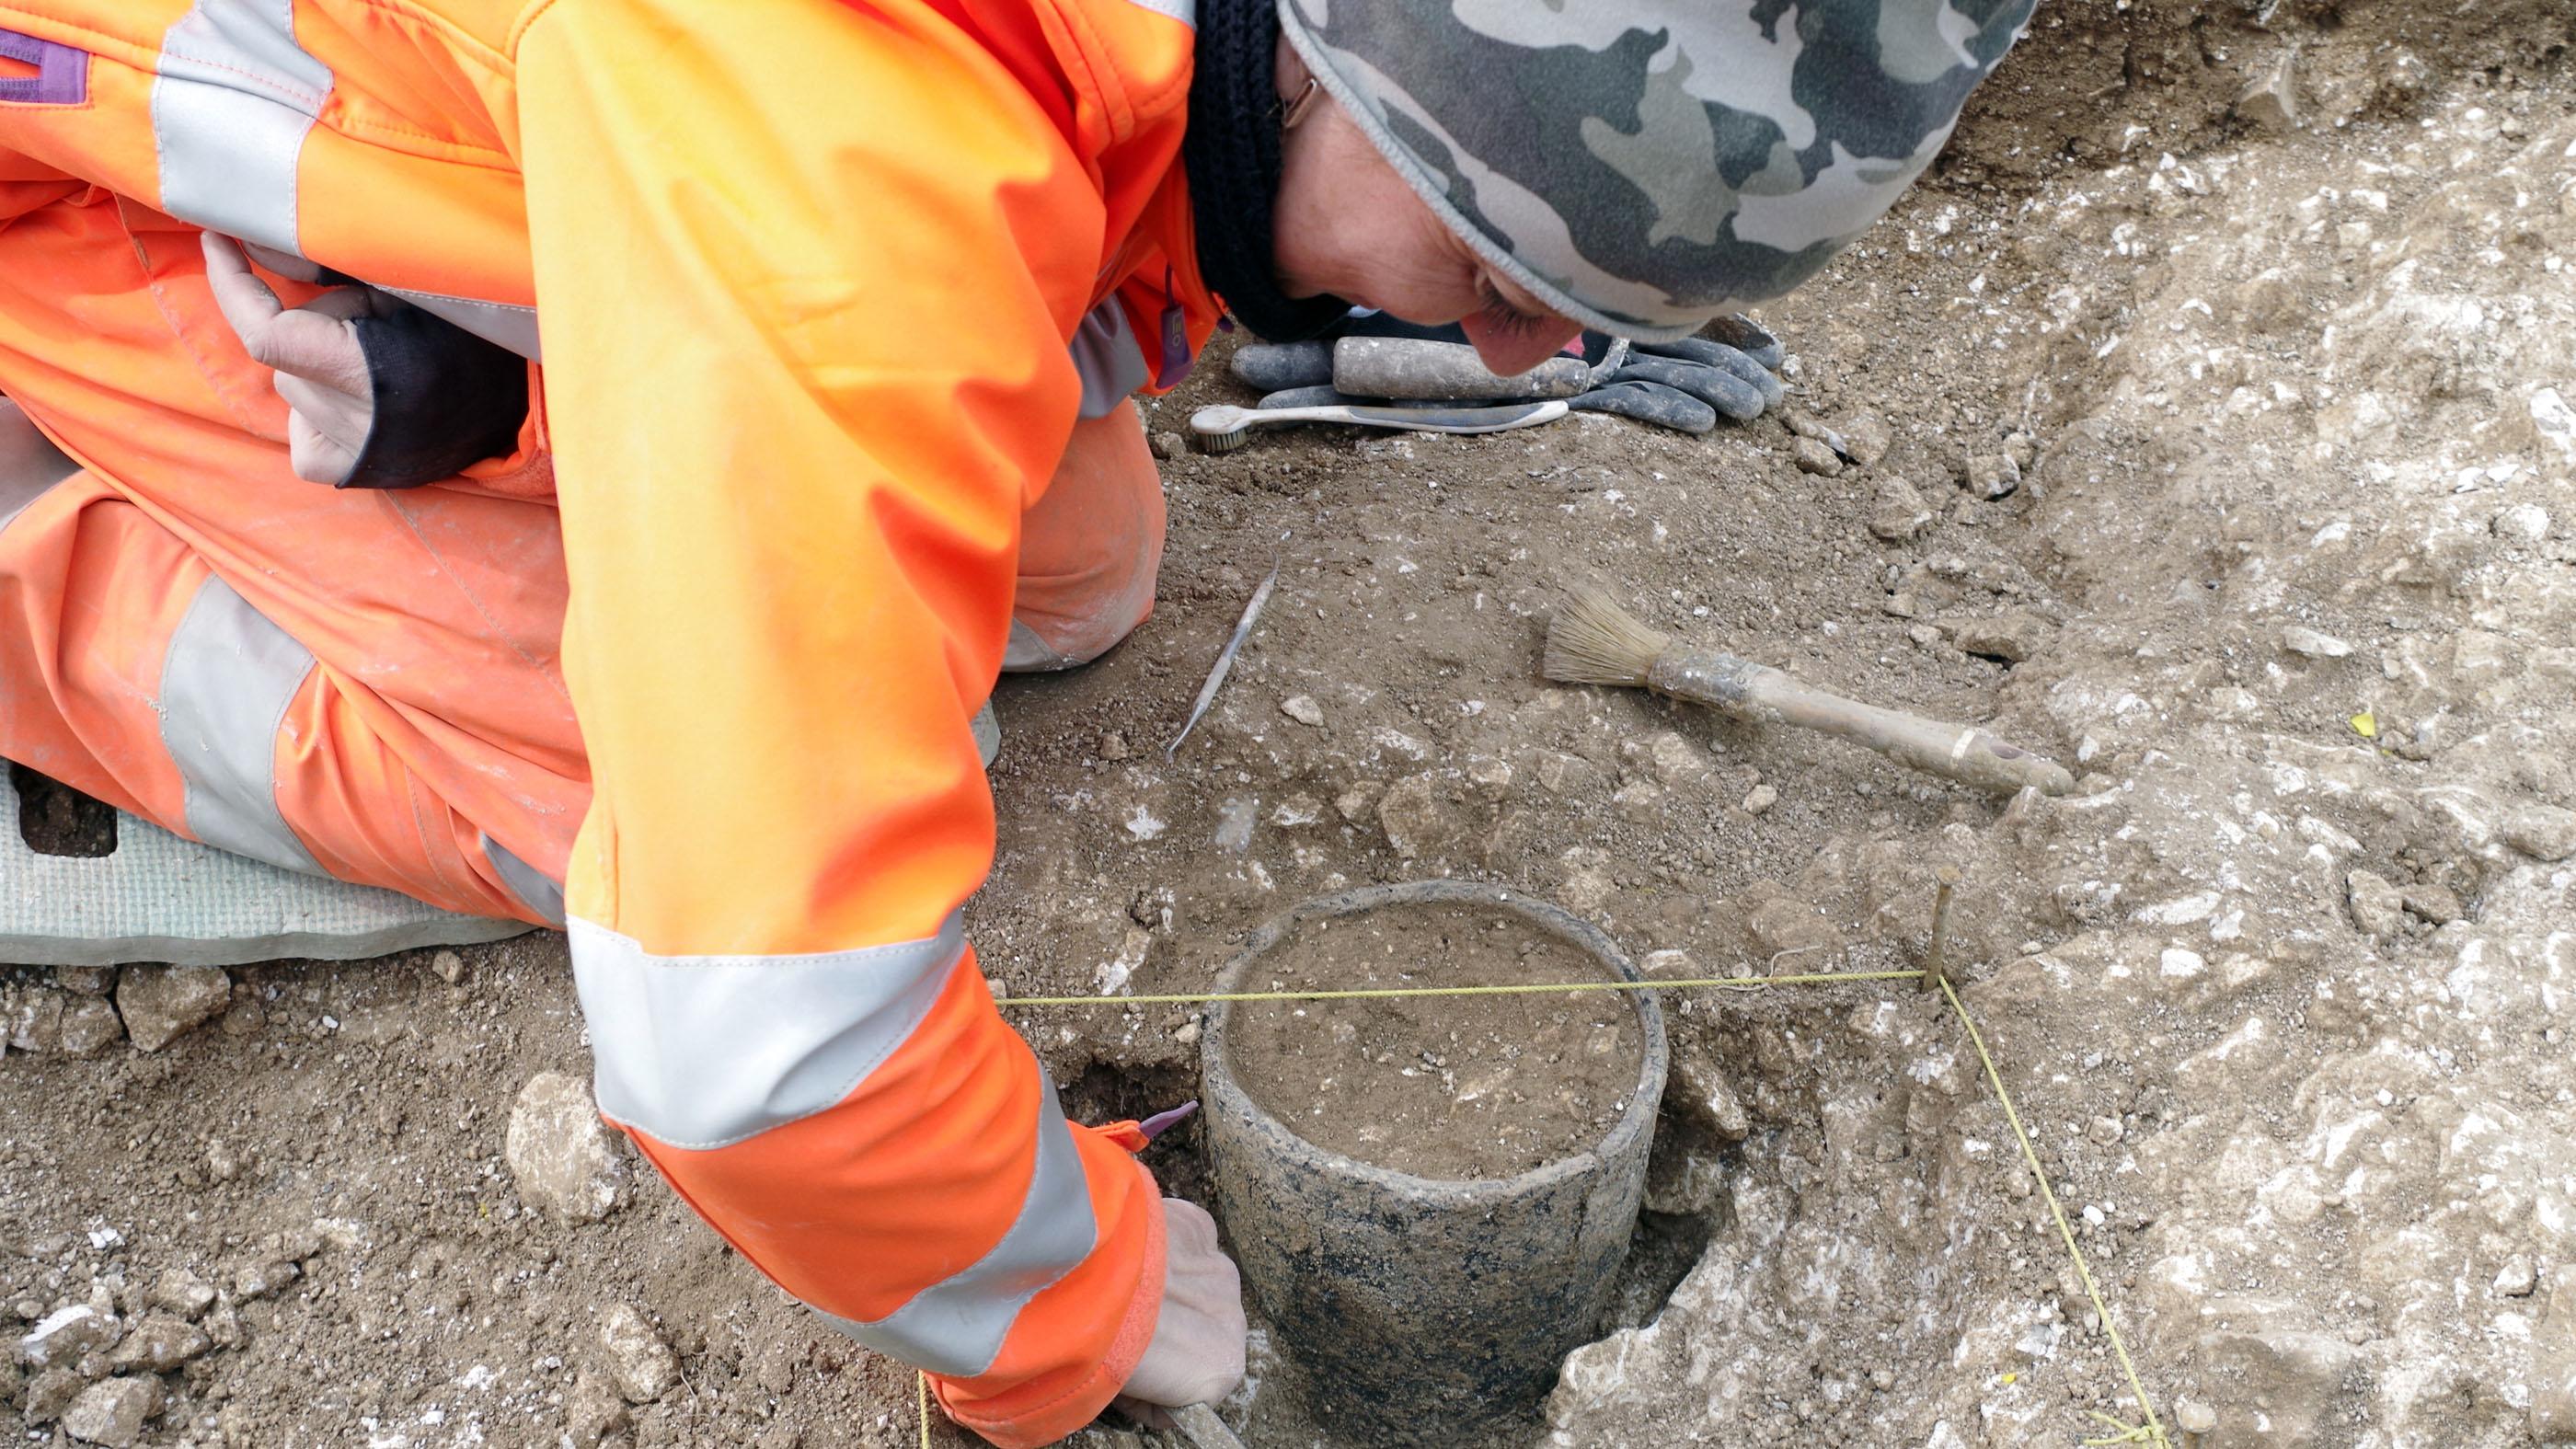 Un archéologue de Wessex Archaeology fouille un pot de l'âge du bronze découvert lors des travaux préliminaires sur le site du tunnel proposé près de Stonehenge.